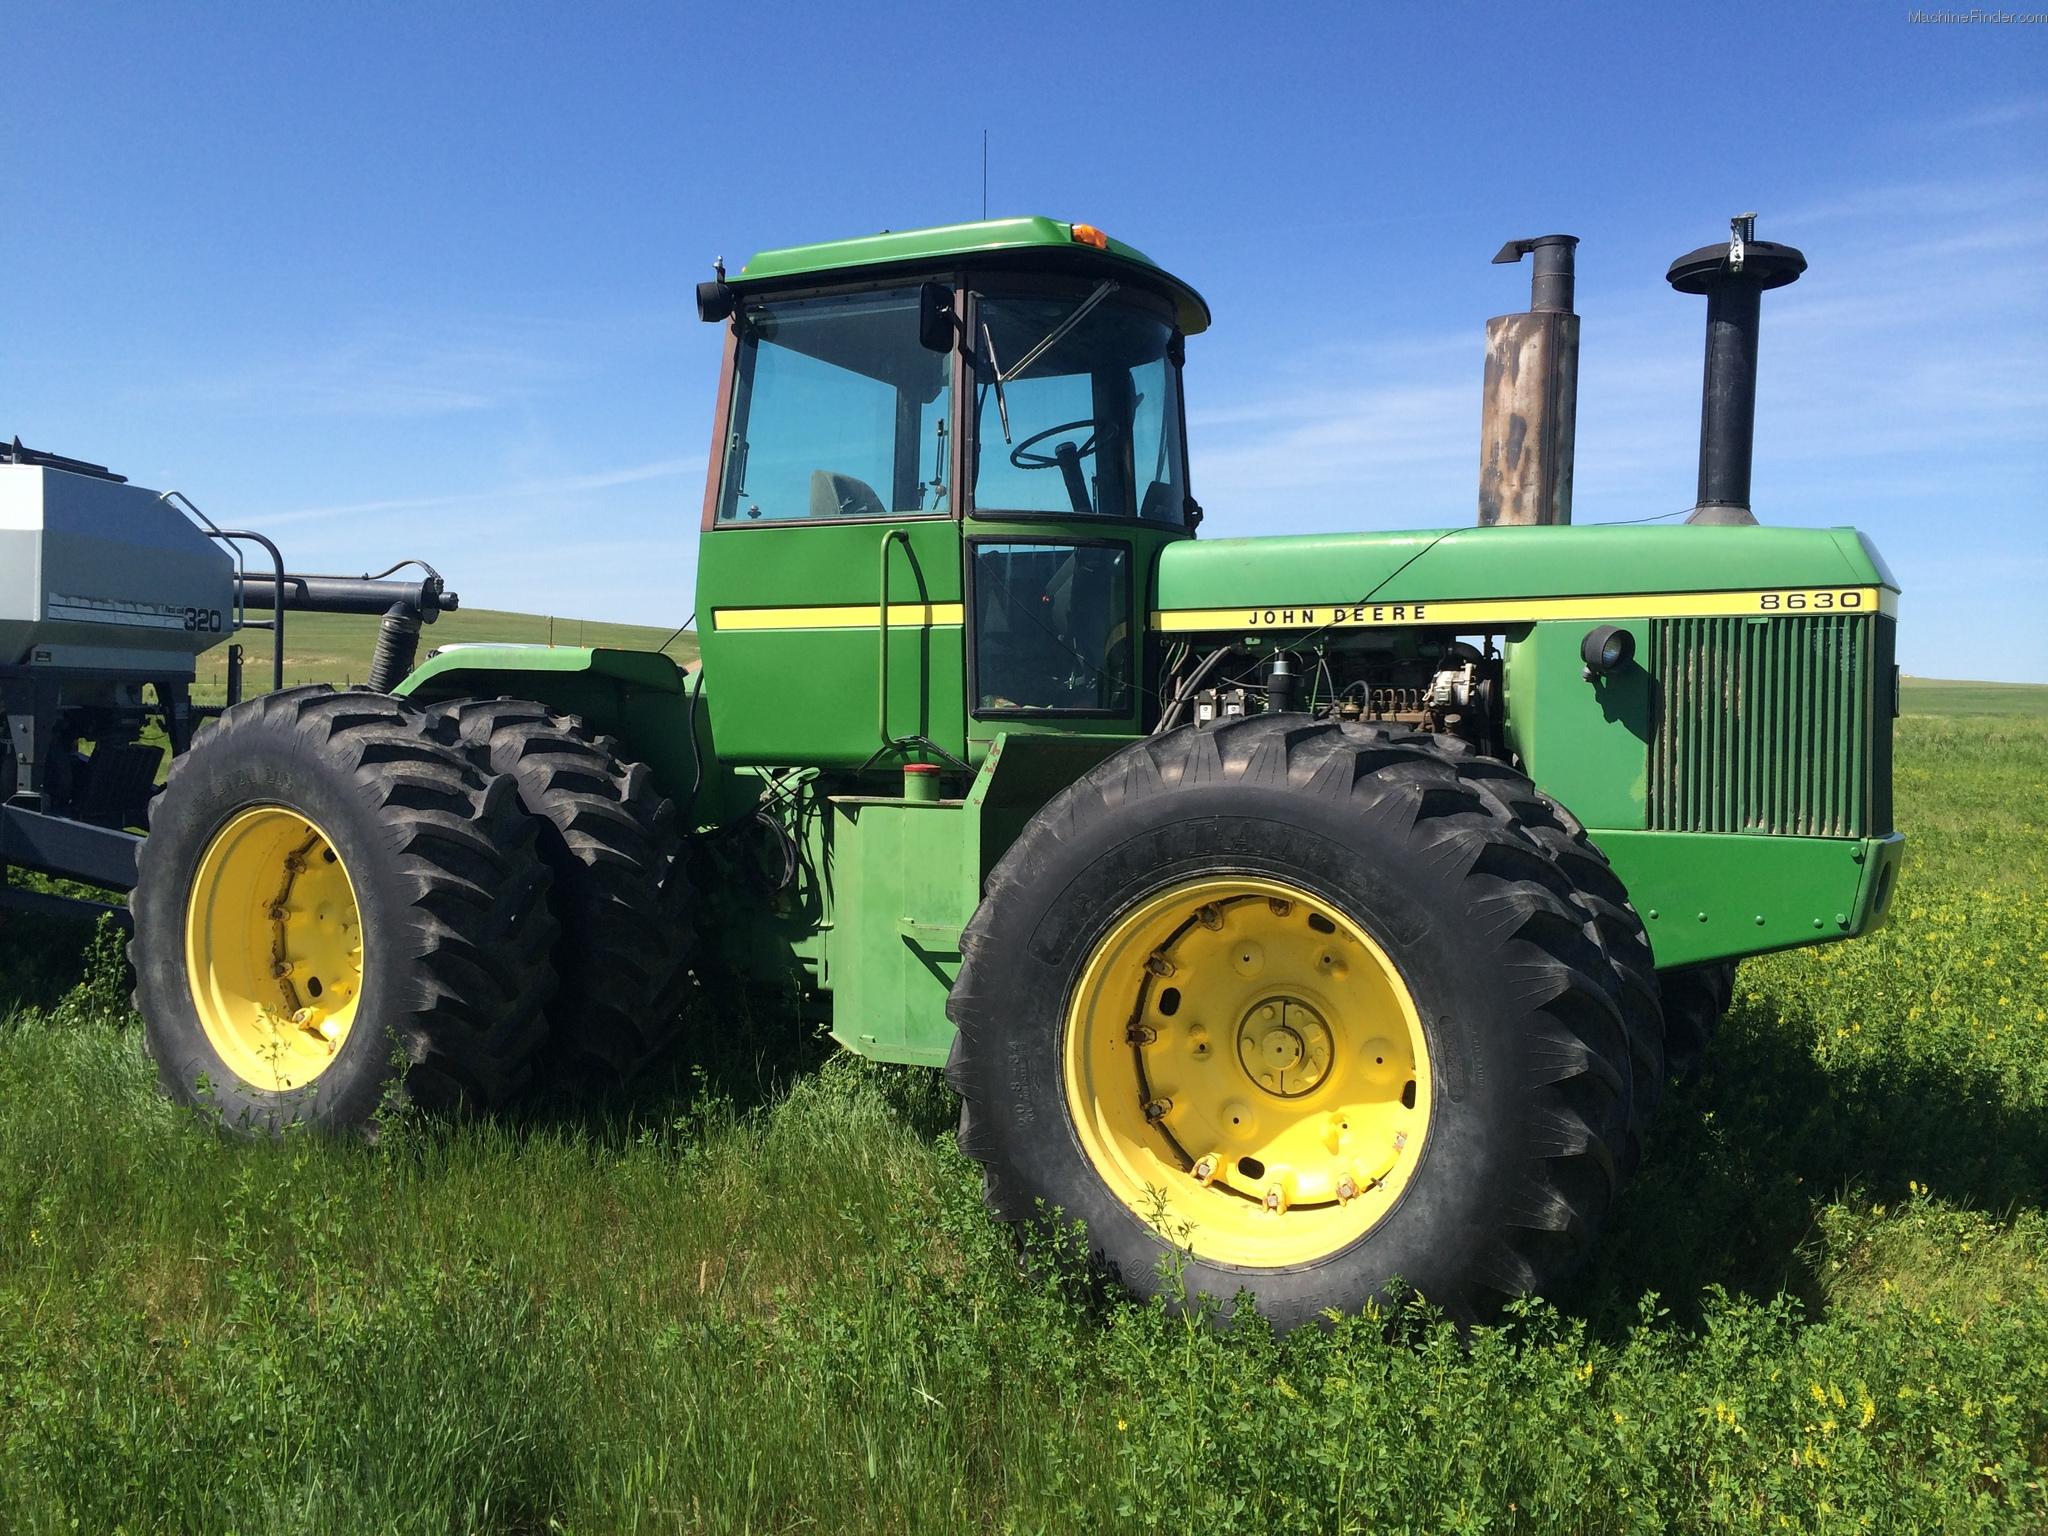 John Deere 8630 Tractors - Articulated 4WD - John Deere ...